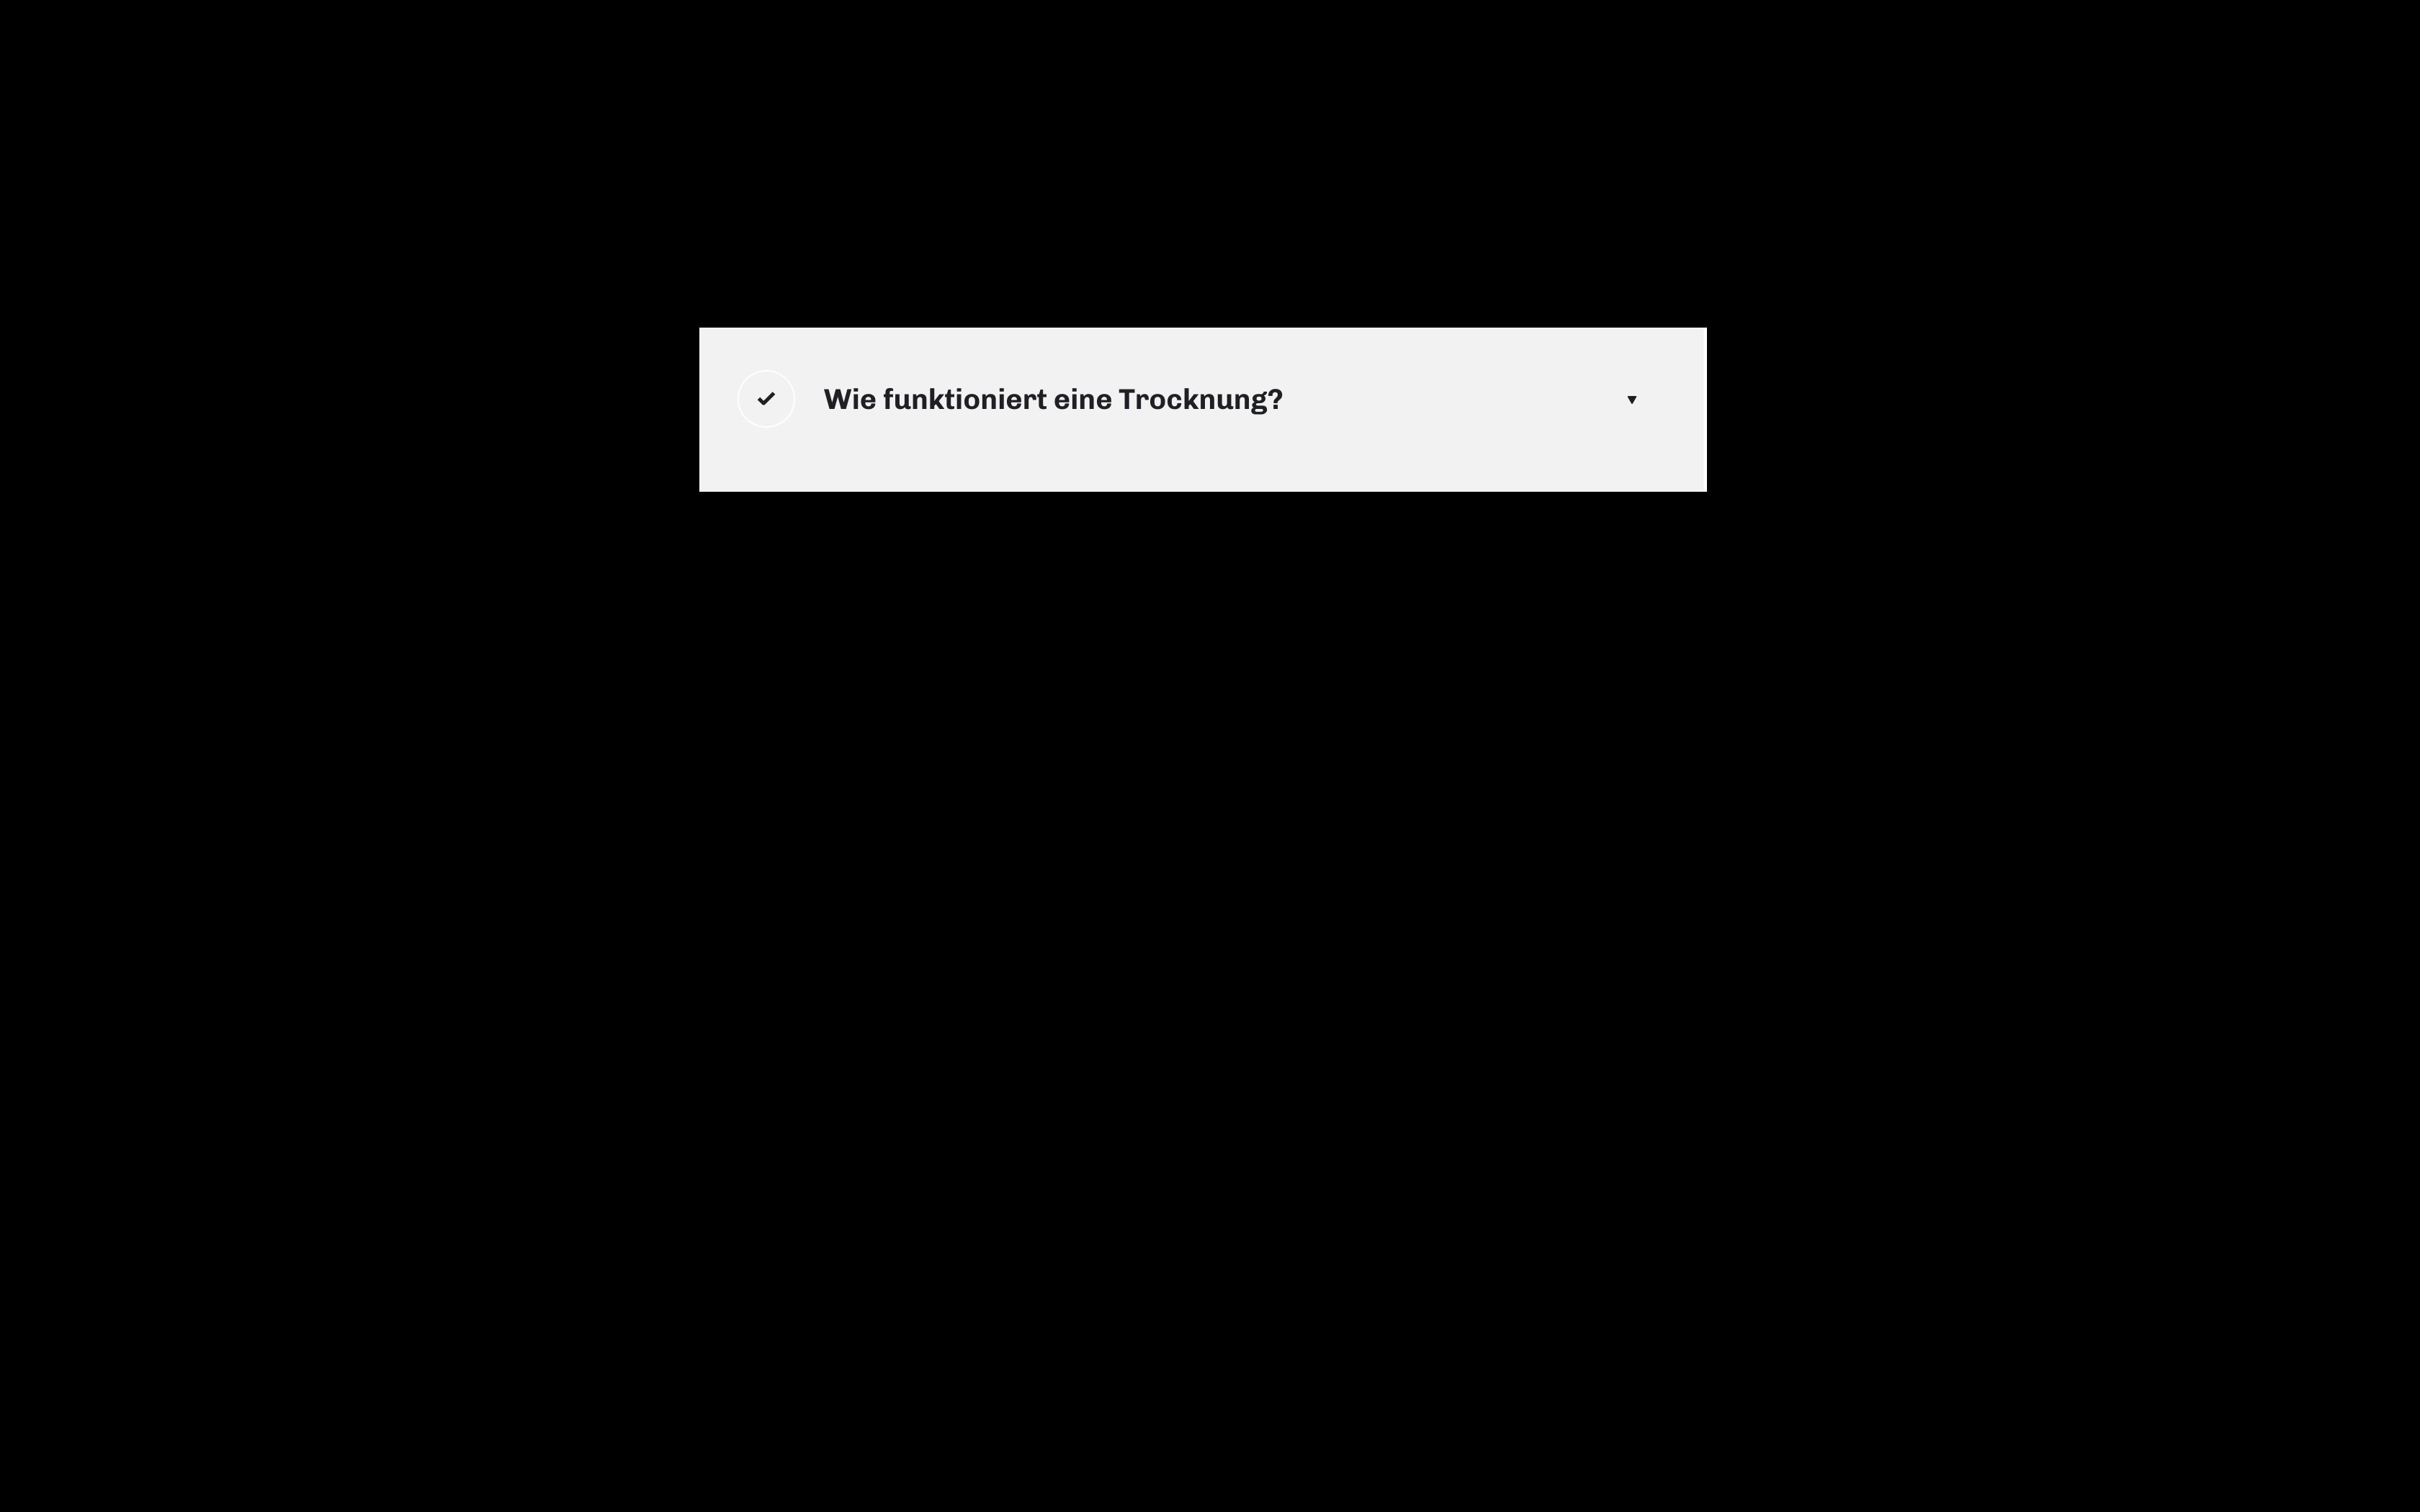 Bildschirmfoto 2021-07-16 um 18.57.11.png